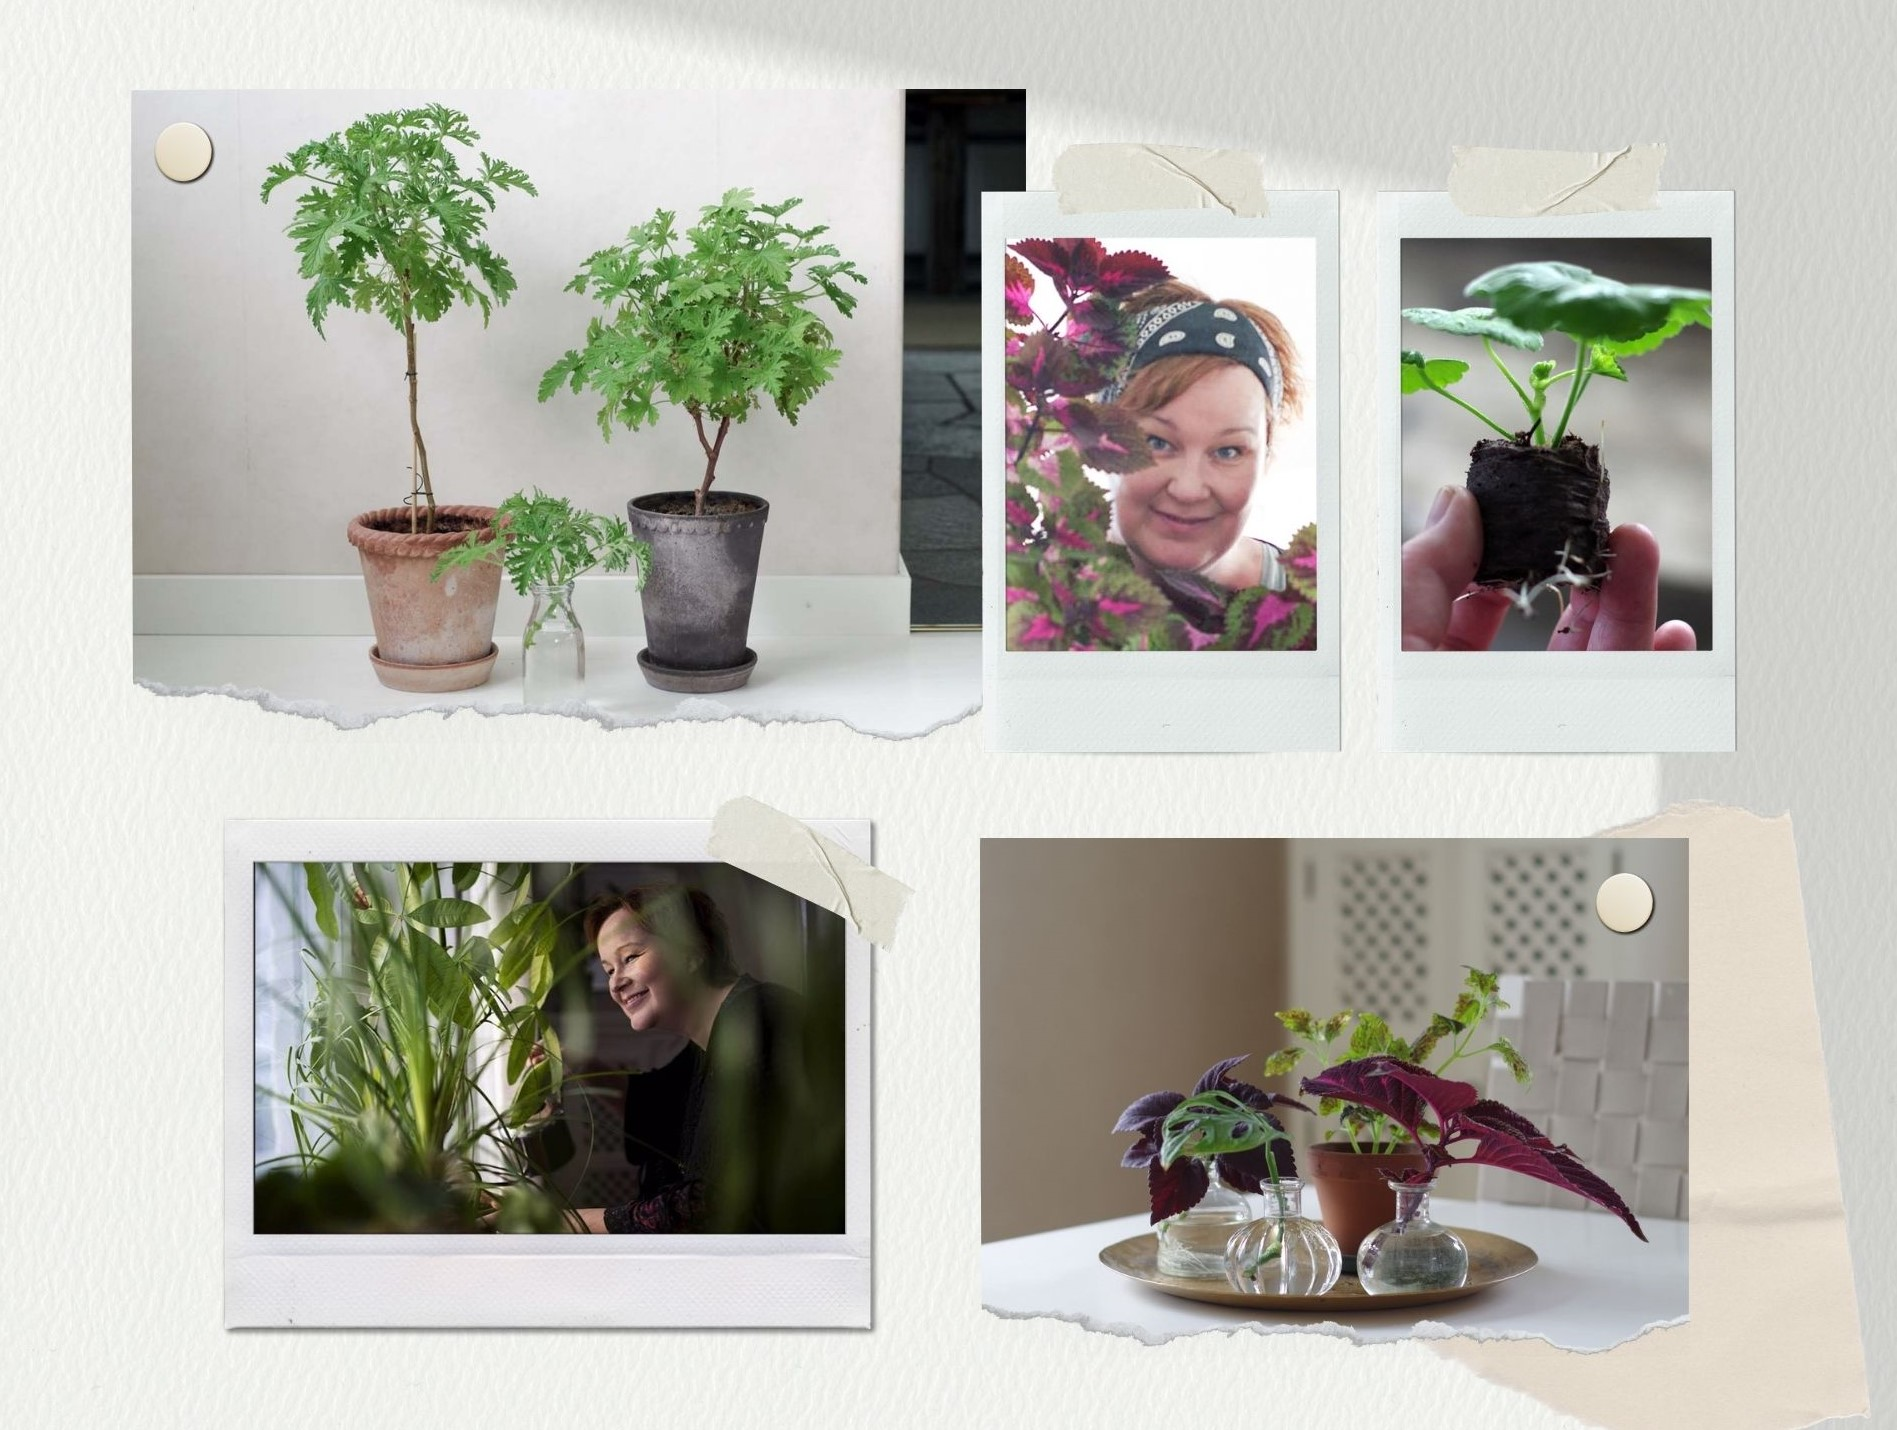 Blomfantast – bland blommor, blad och gröna växter